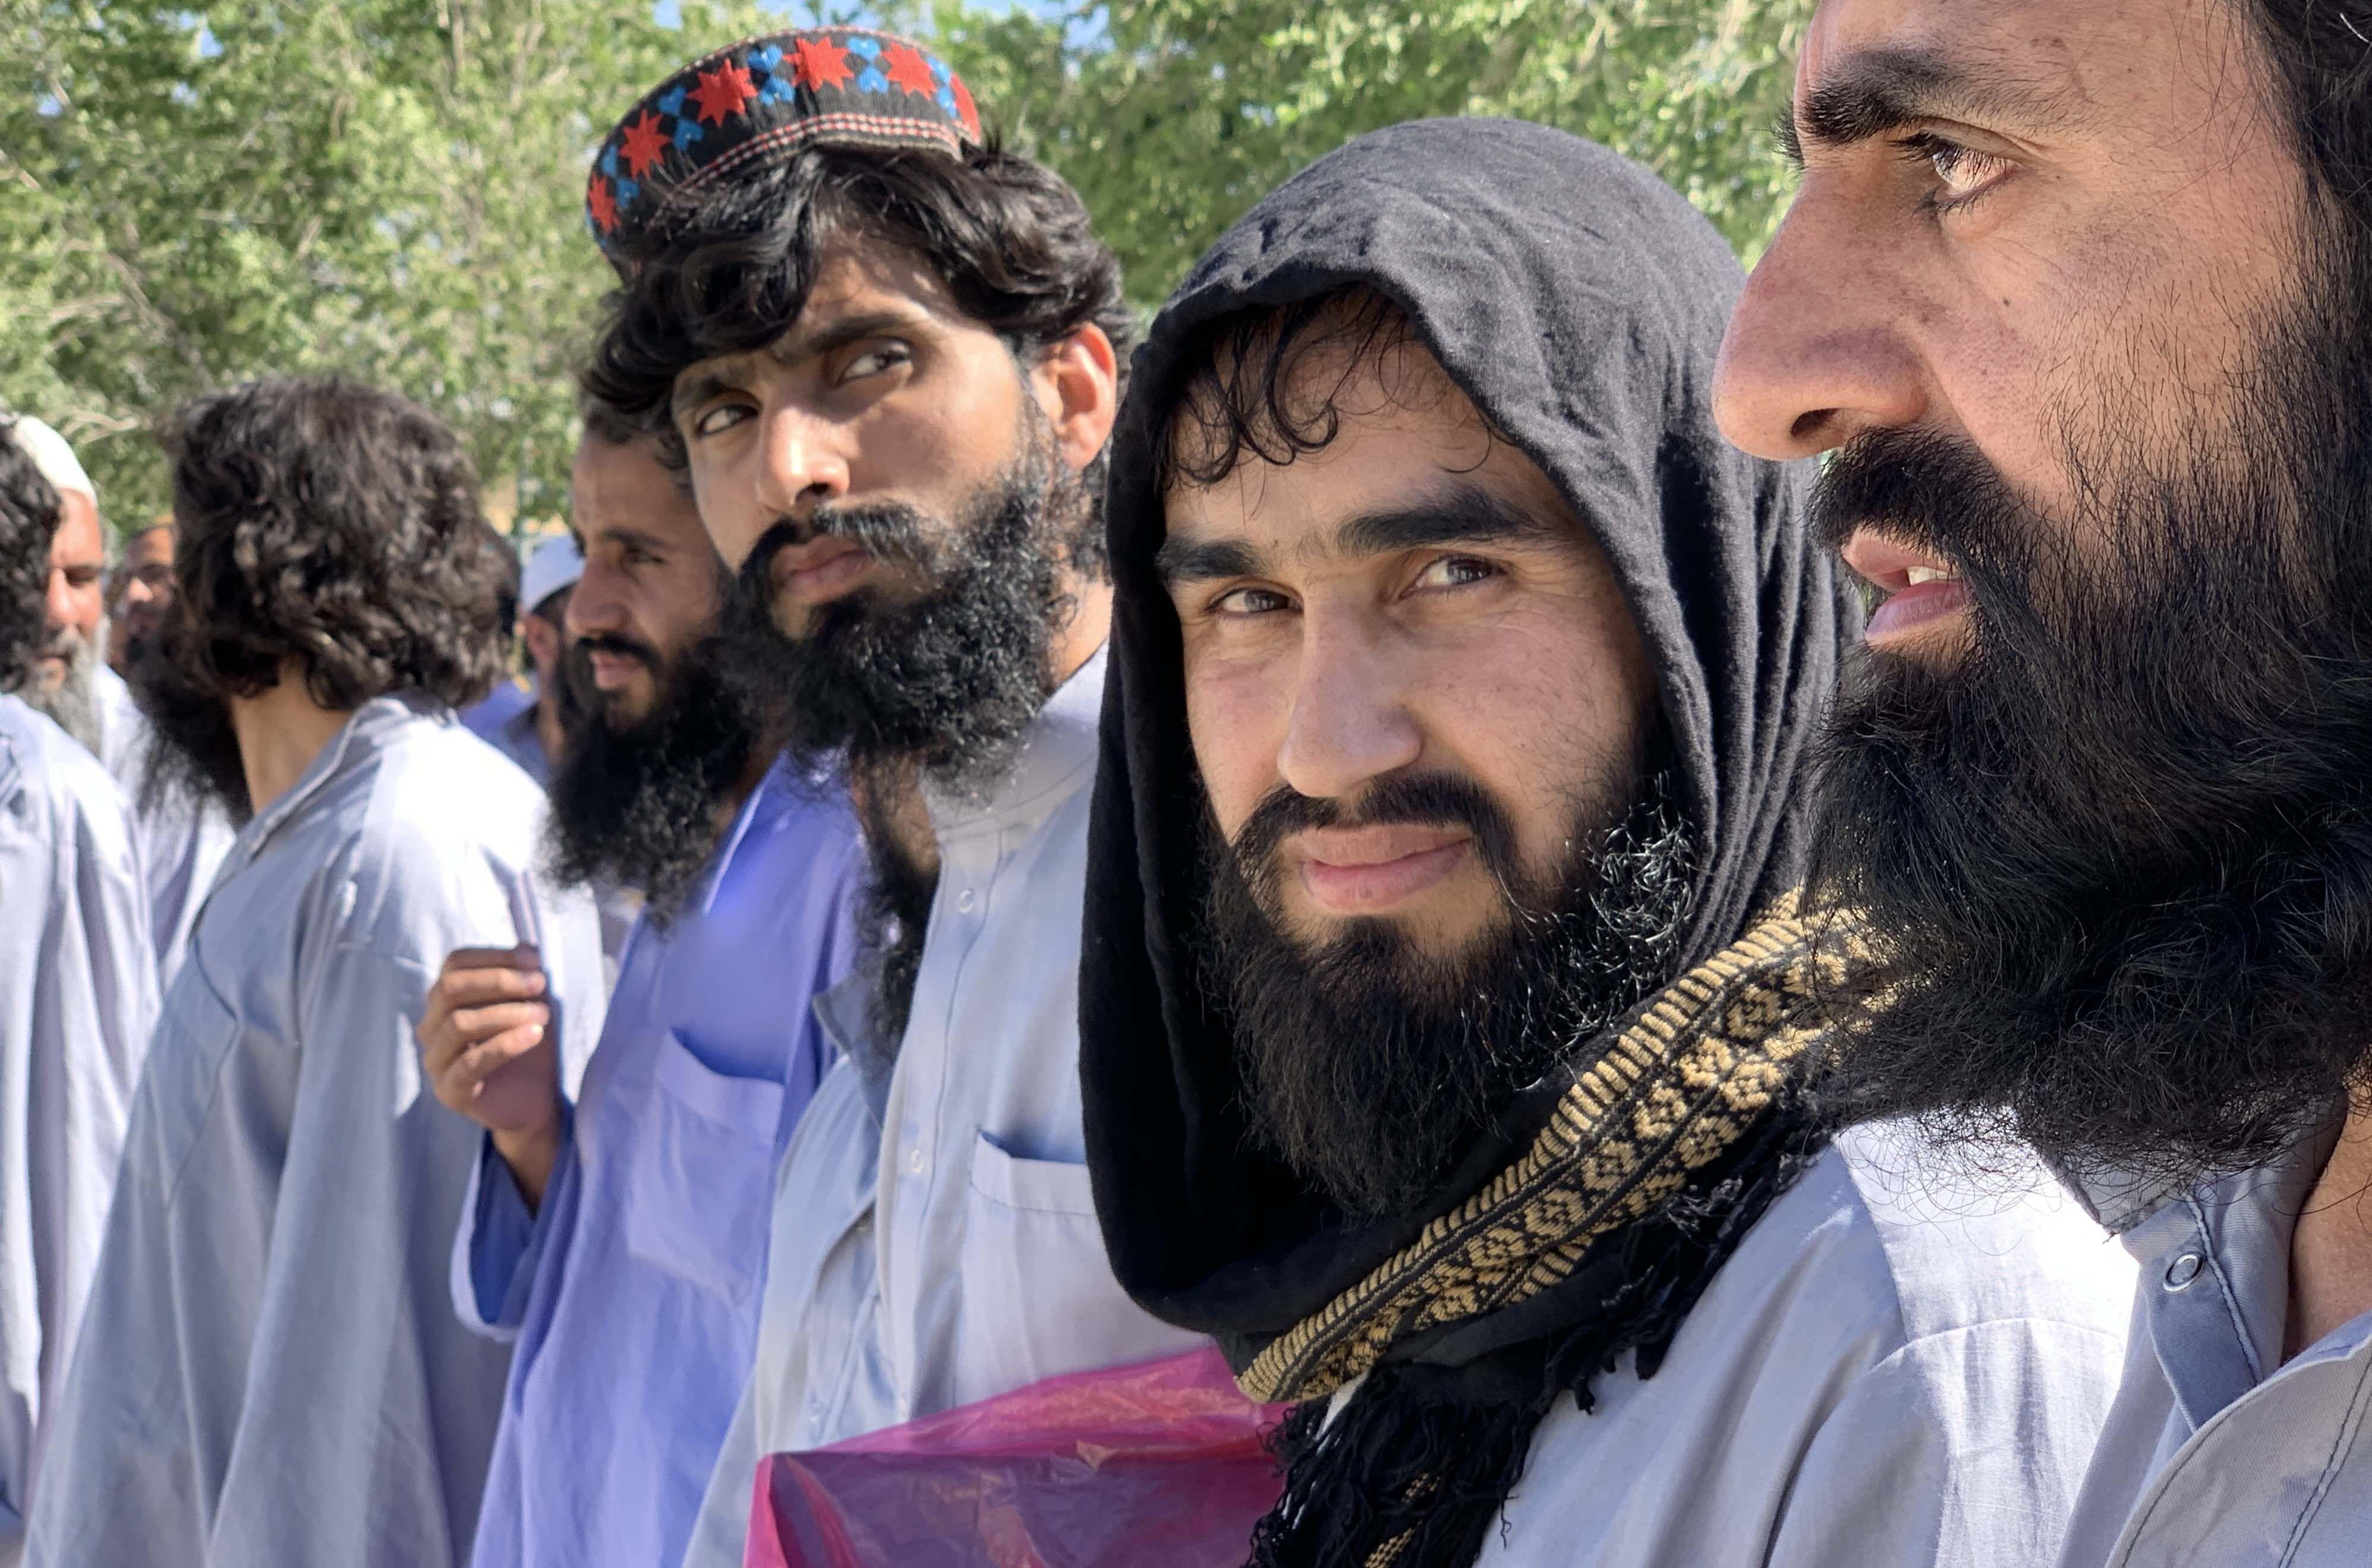 21/09/2020 Miembros de los talibán POLITICA ASIA ASIA AFGANISTÁN ORIENTE PRÓXIMO INTERNACIONAL PPI / ZUMA PRESS / CONTACTOPHOTO